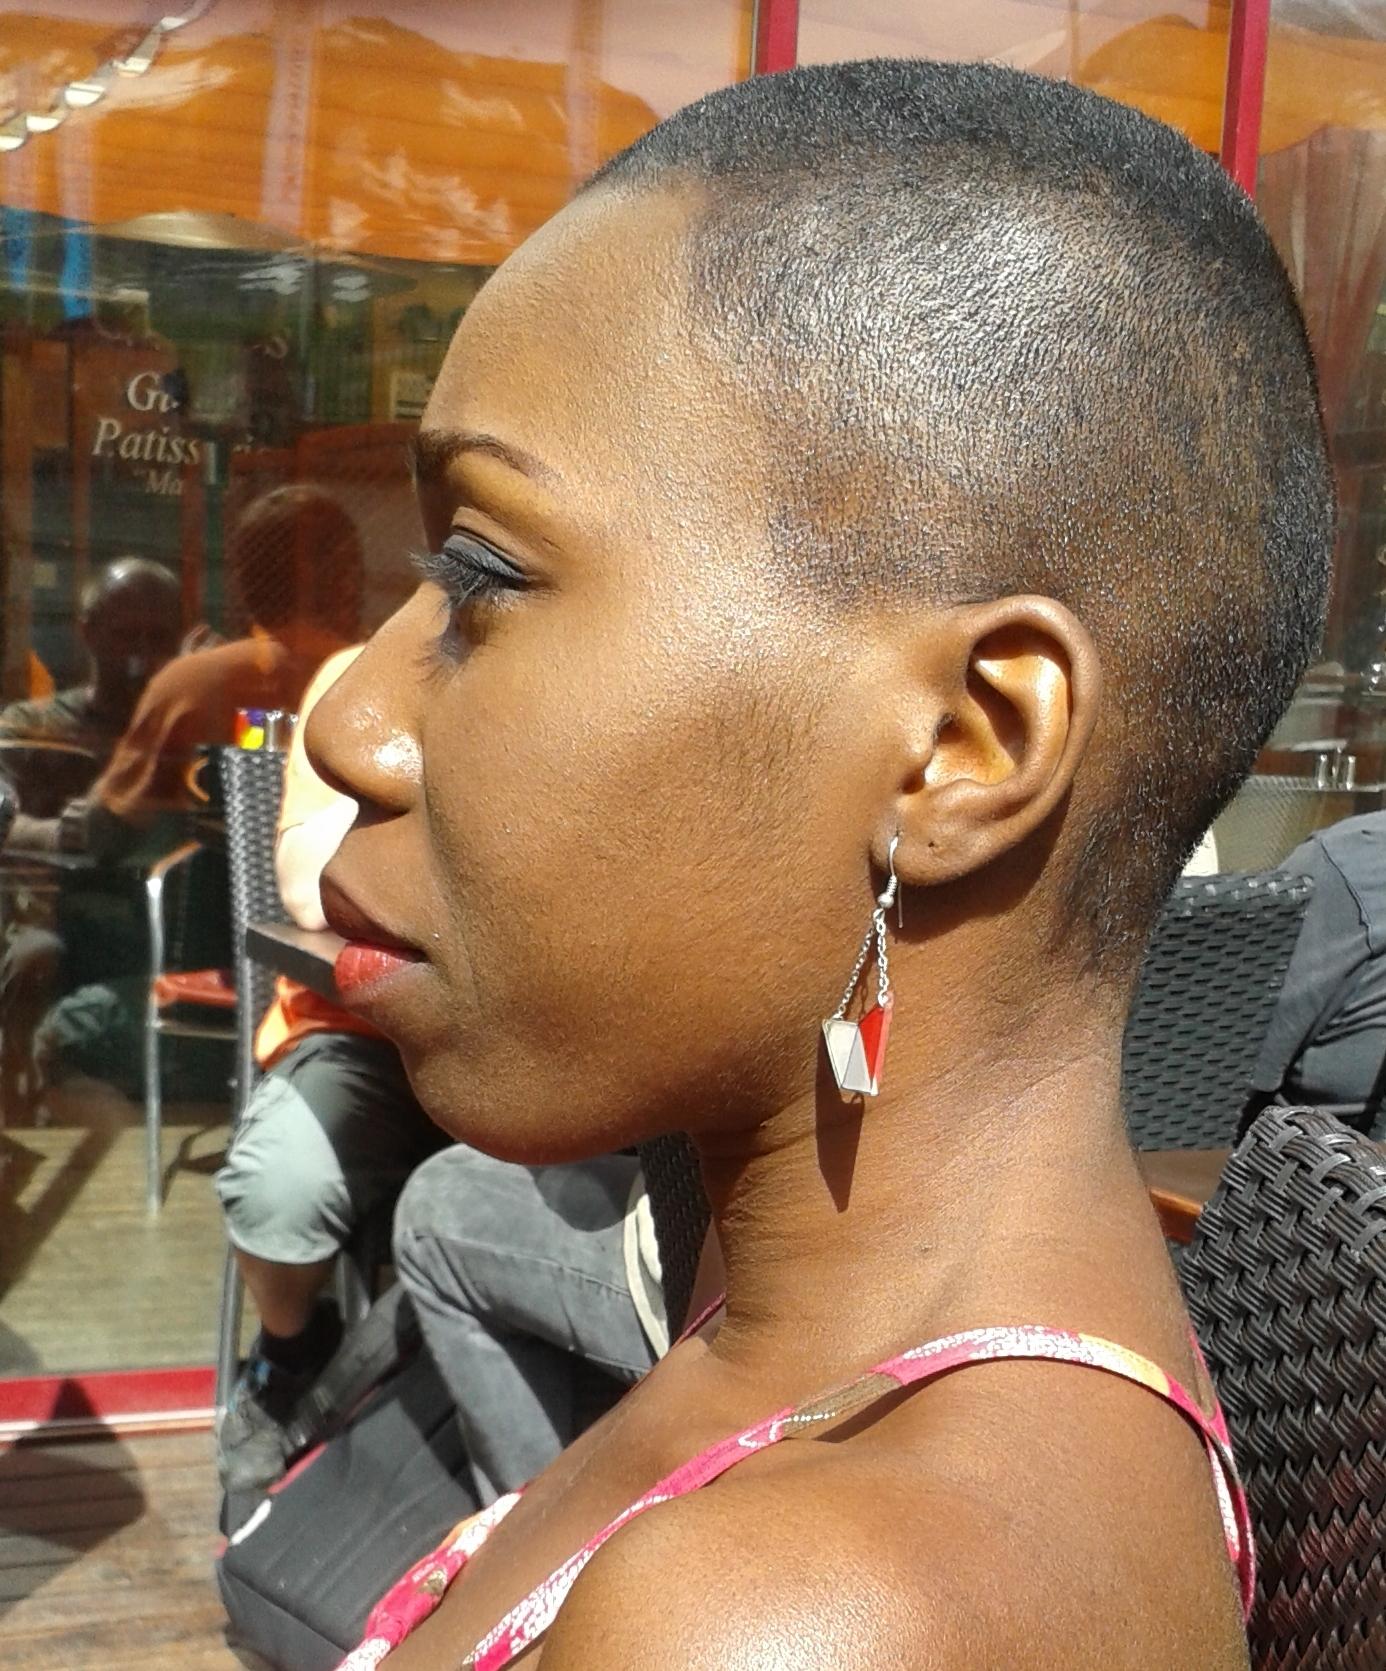 femmes noires rasées noir ghetto cul tube